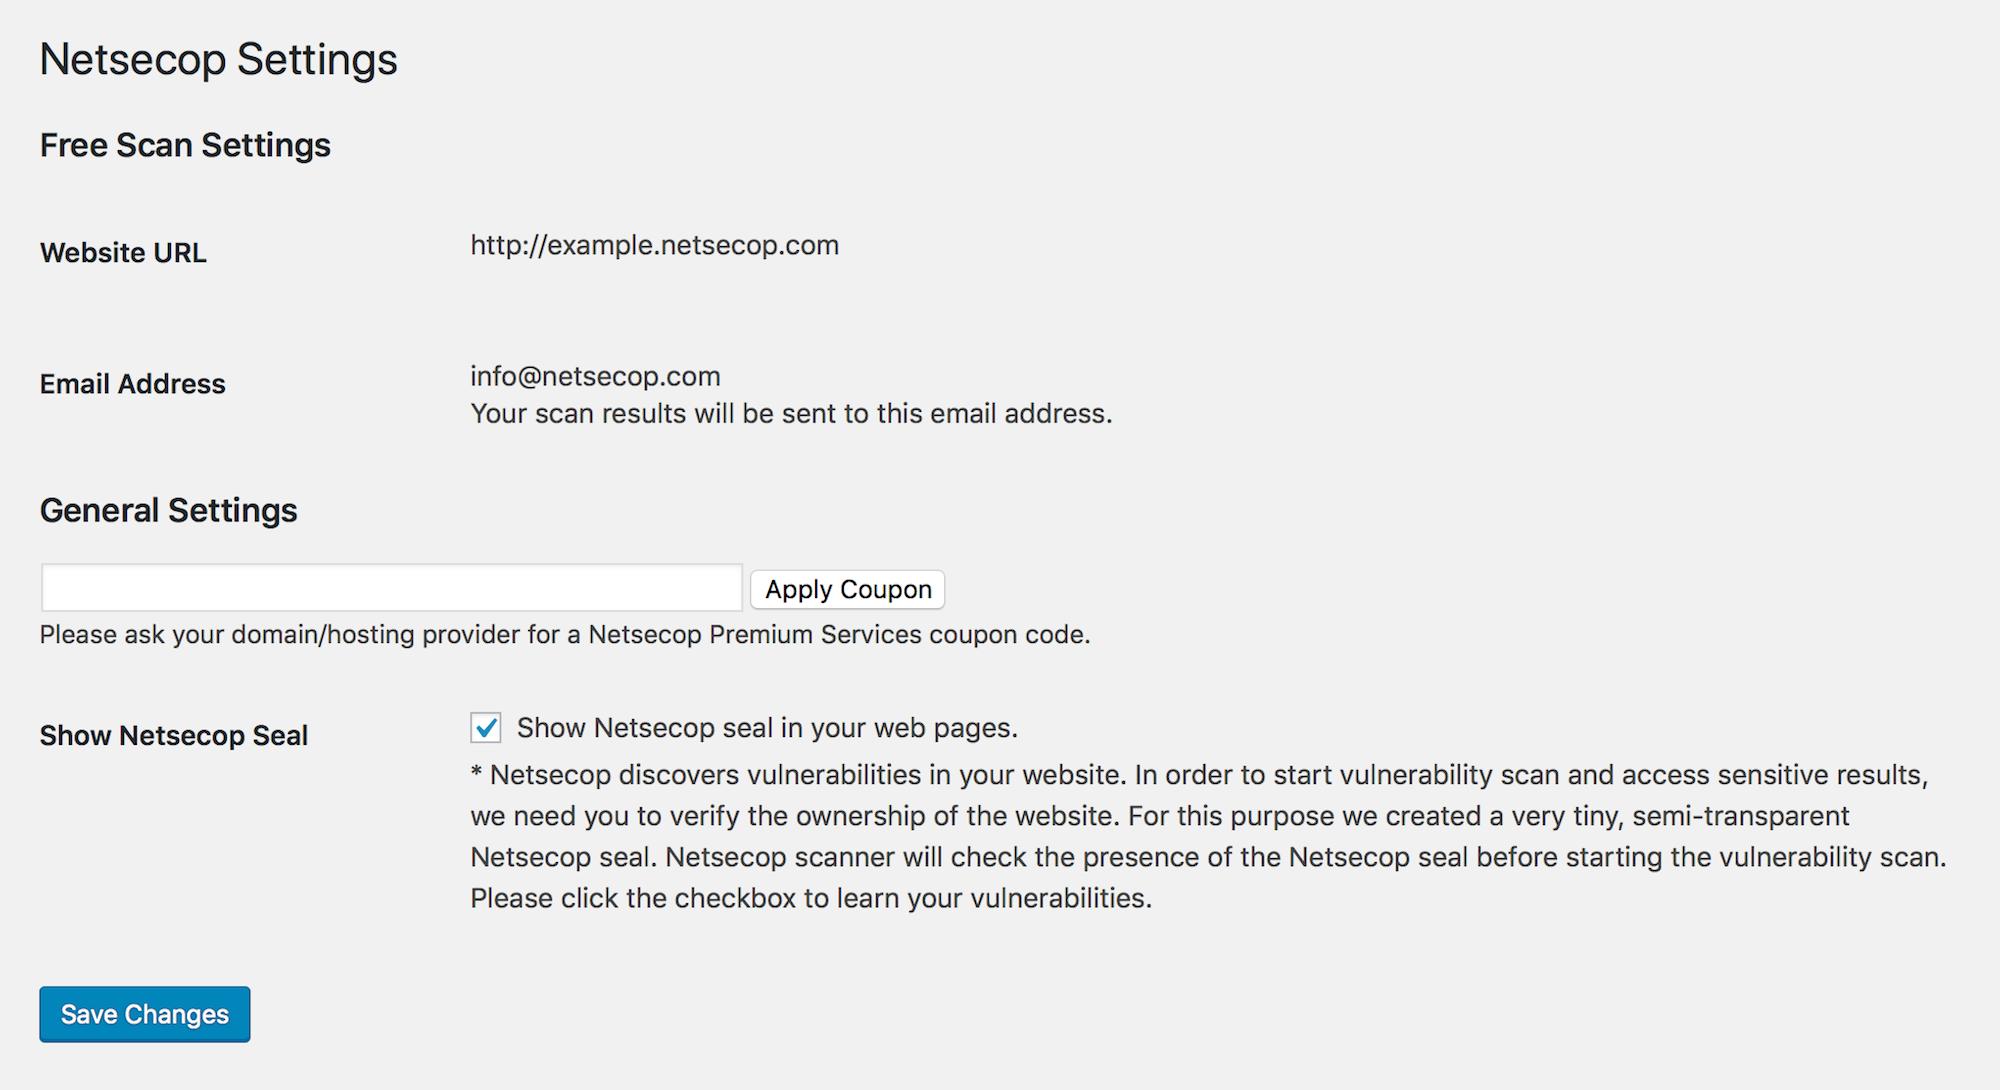 Netsecop Settings Page